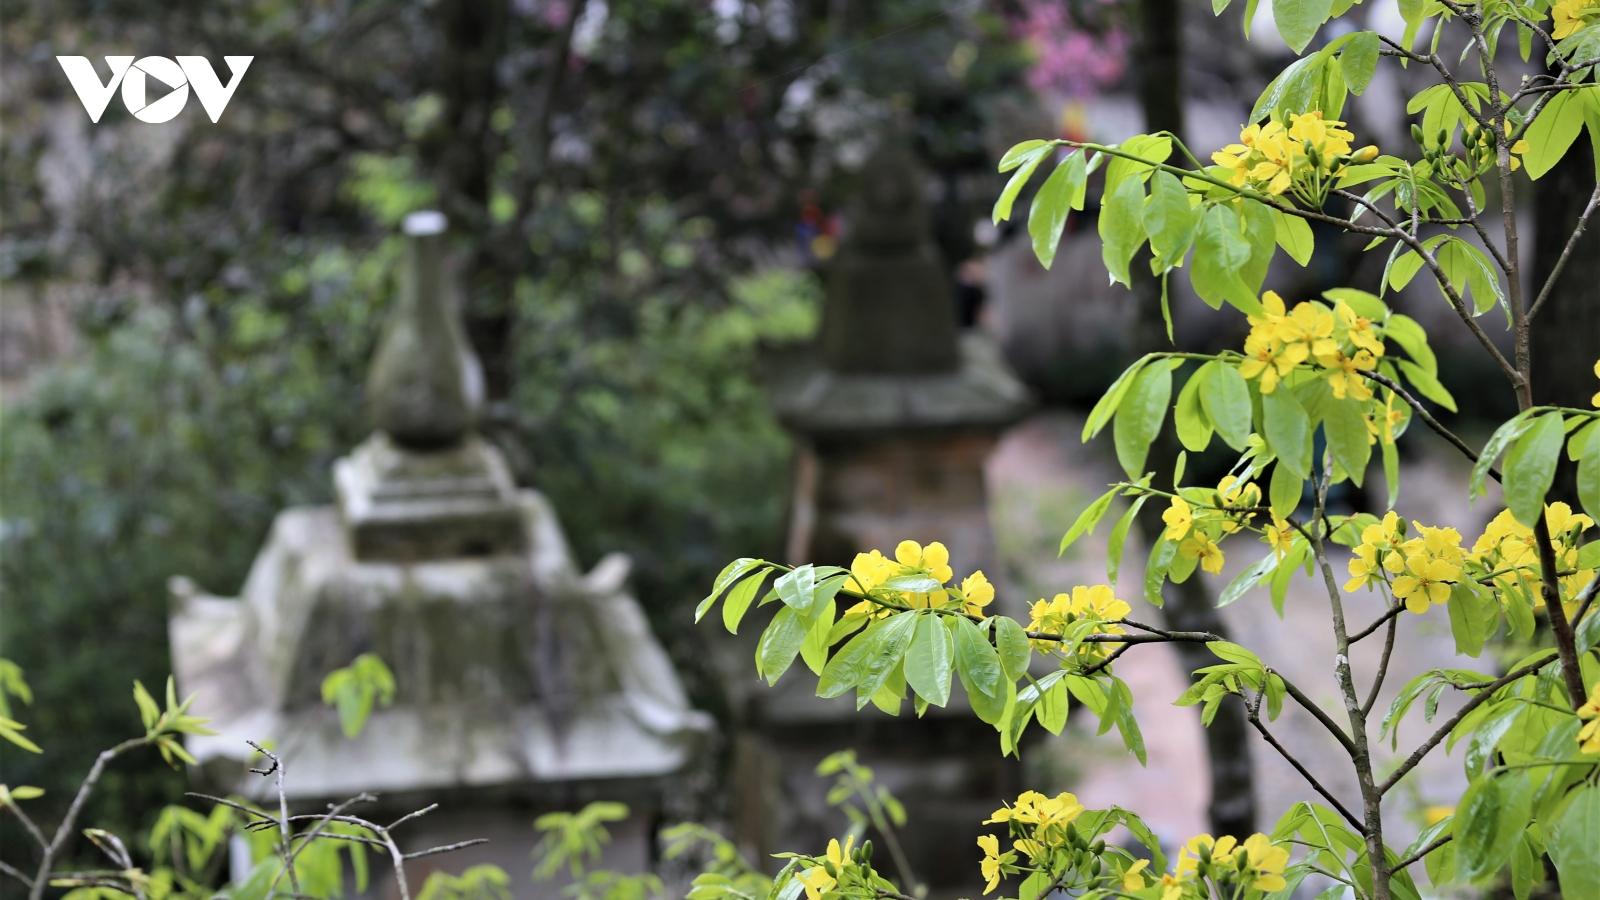 Mùa xuân lên núi thiêng, ngắm mai vàng Yên Tử